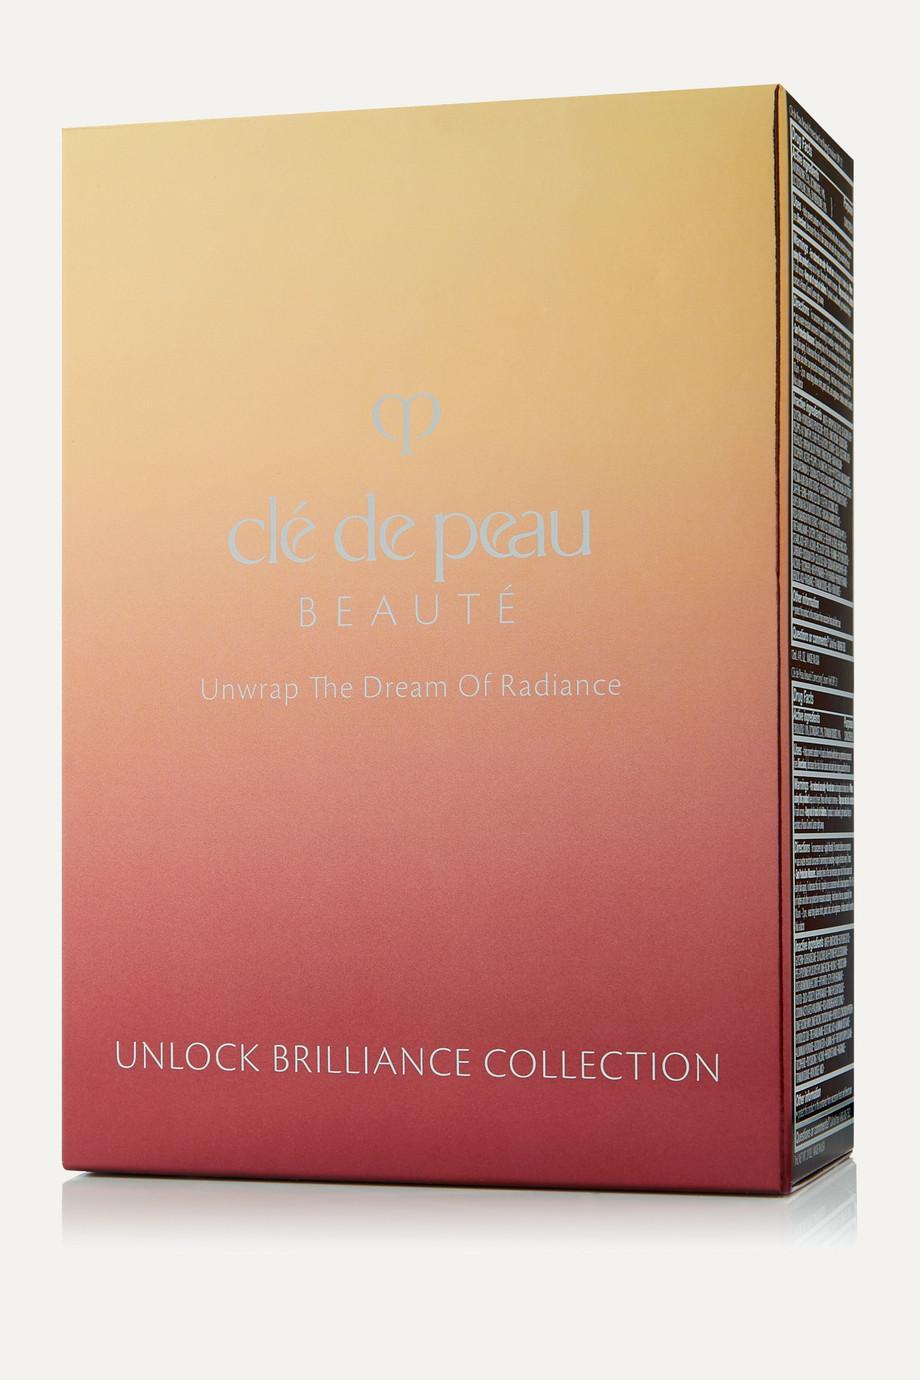 Clé de Peau Beauté Unlock Brilliance Collection